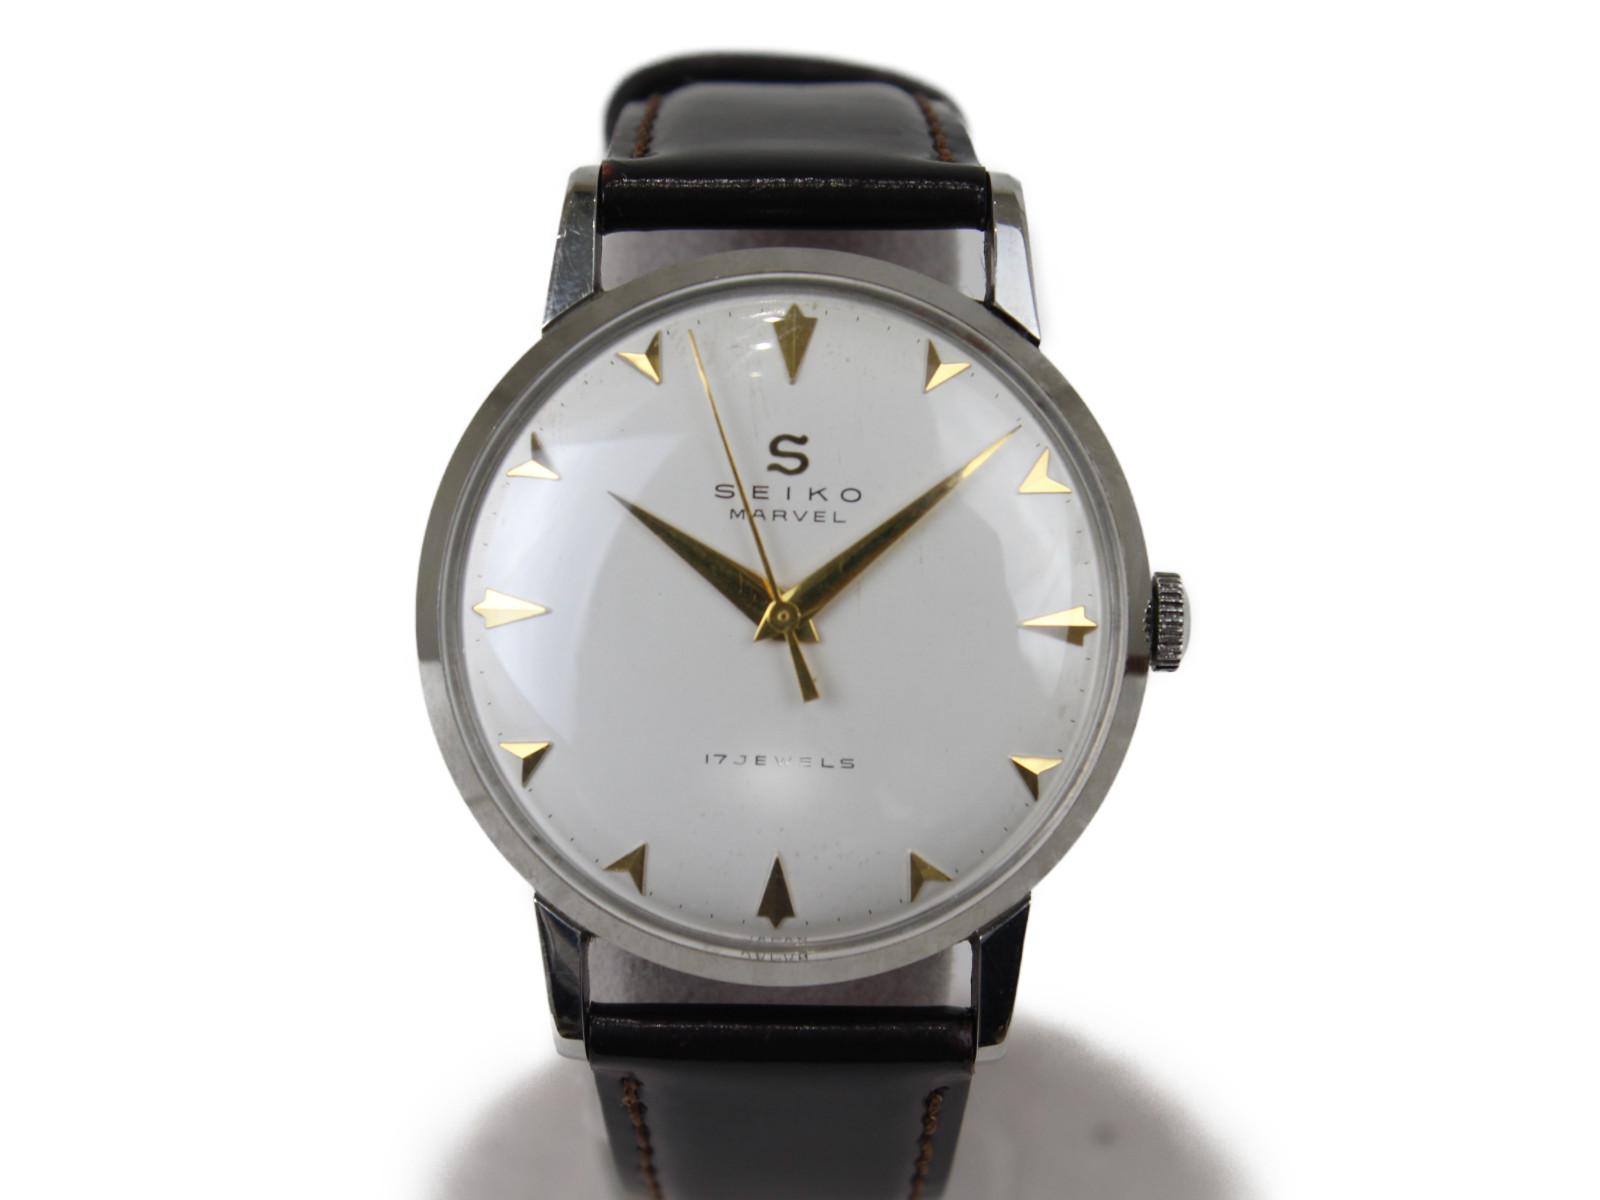 【SEIKO セイコー】マーヴェル J14004手巻き時計 アンティーク革ベルト オシャレ腕時計 【中古】